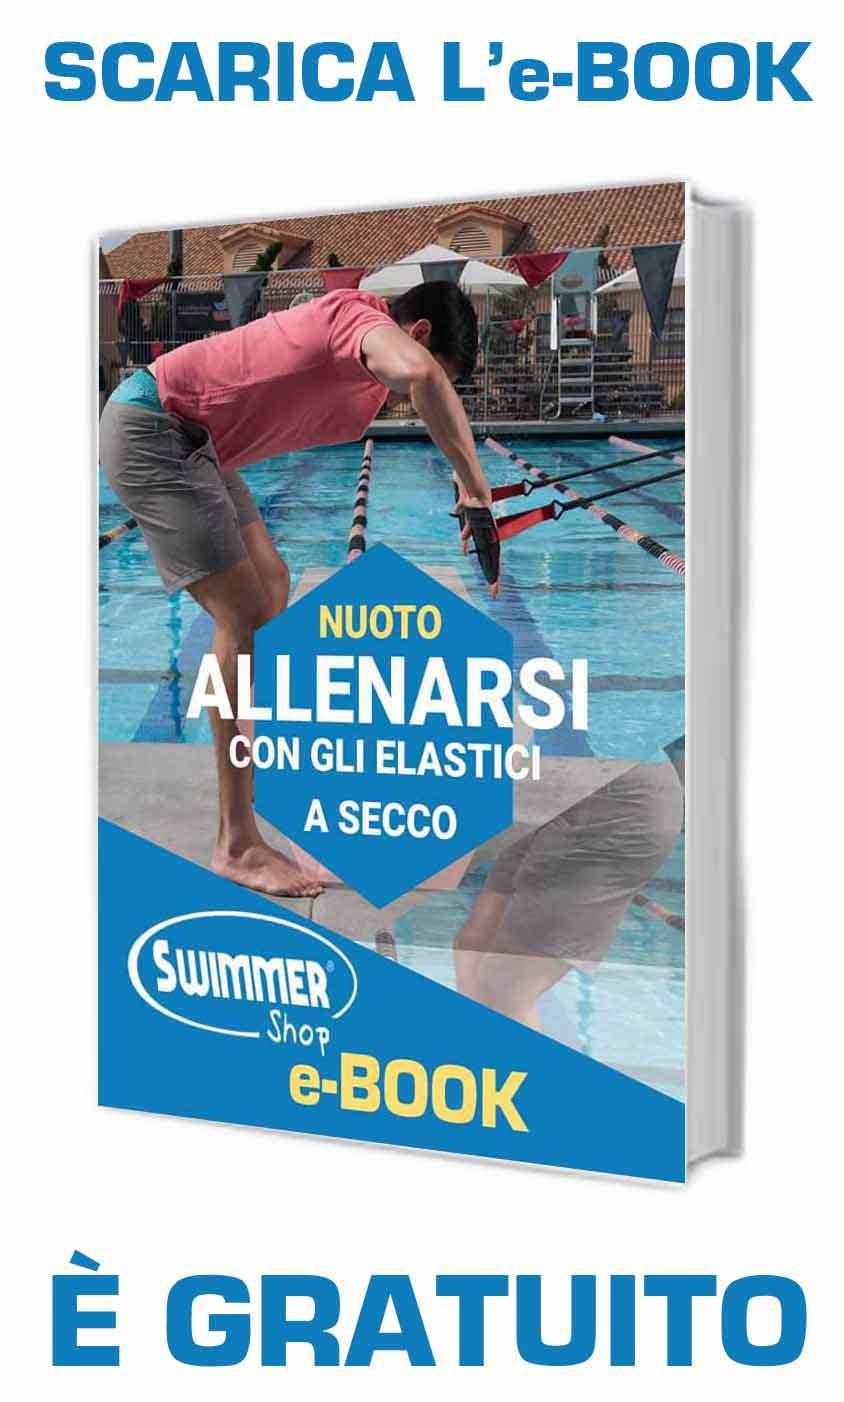 ebook gratuito allenarsi con gli elastici per nuotatori